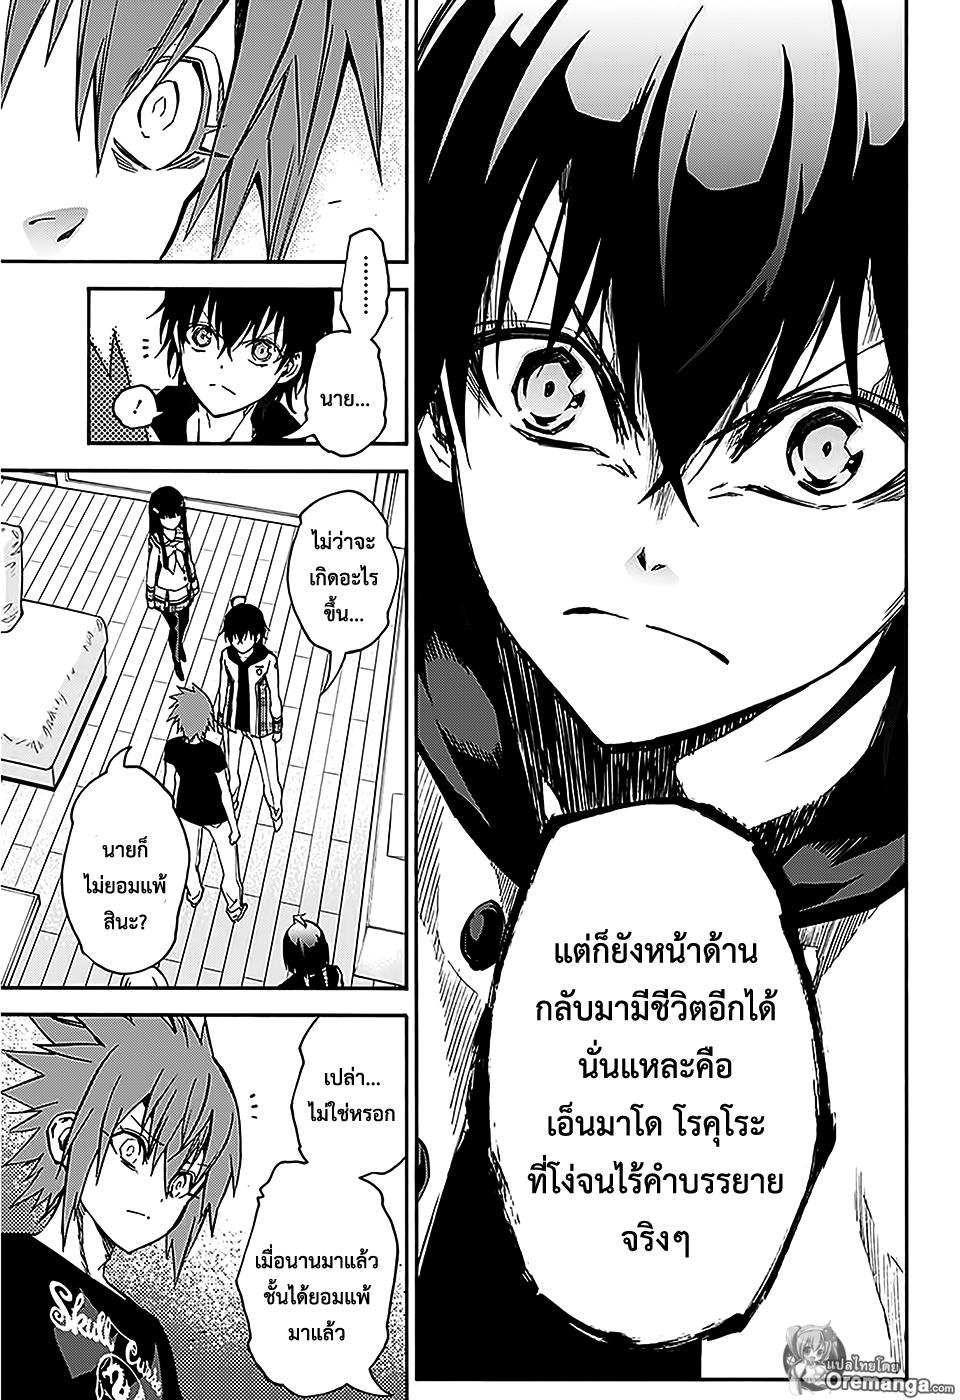 อ่านการ์ตูน Sousei no Onmyouji ตอนที่ 25 หน้าที่ 15